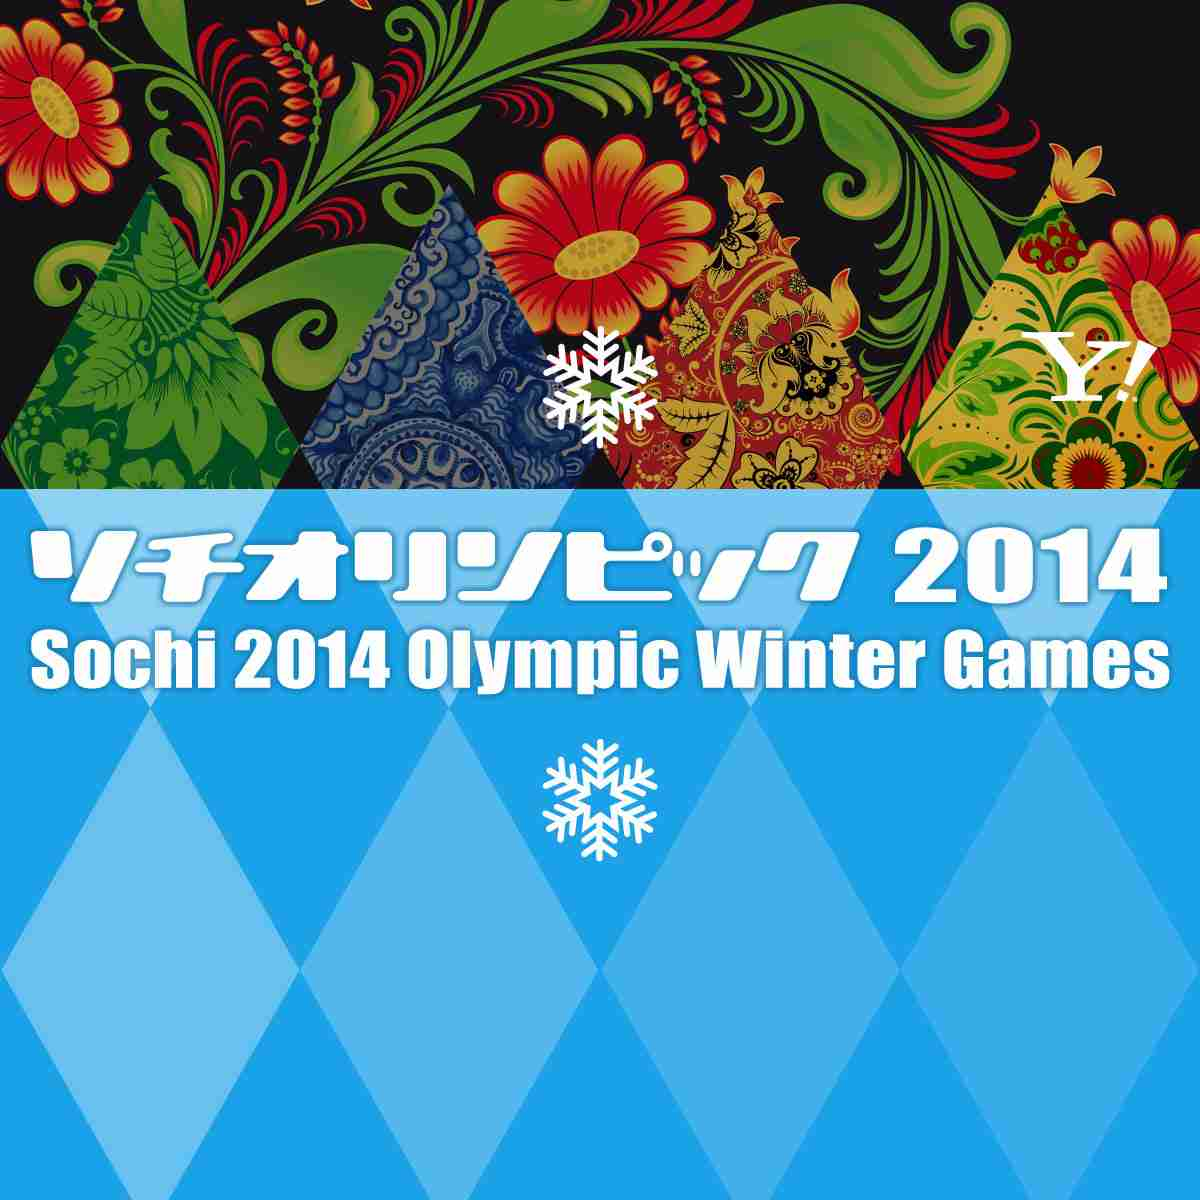 """ソチオリンピック Yahoo! JAPAN - ソチ入り高橋大輔""""佐村河内騒動""""に「このタイミングで…勘弁してよ」(デイリースポーツ)"""